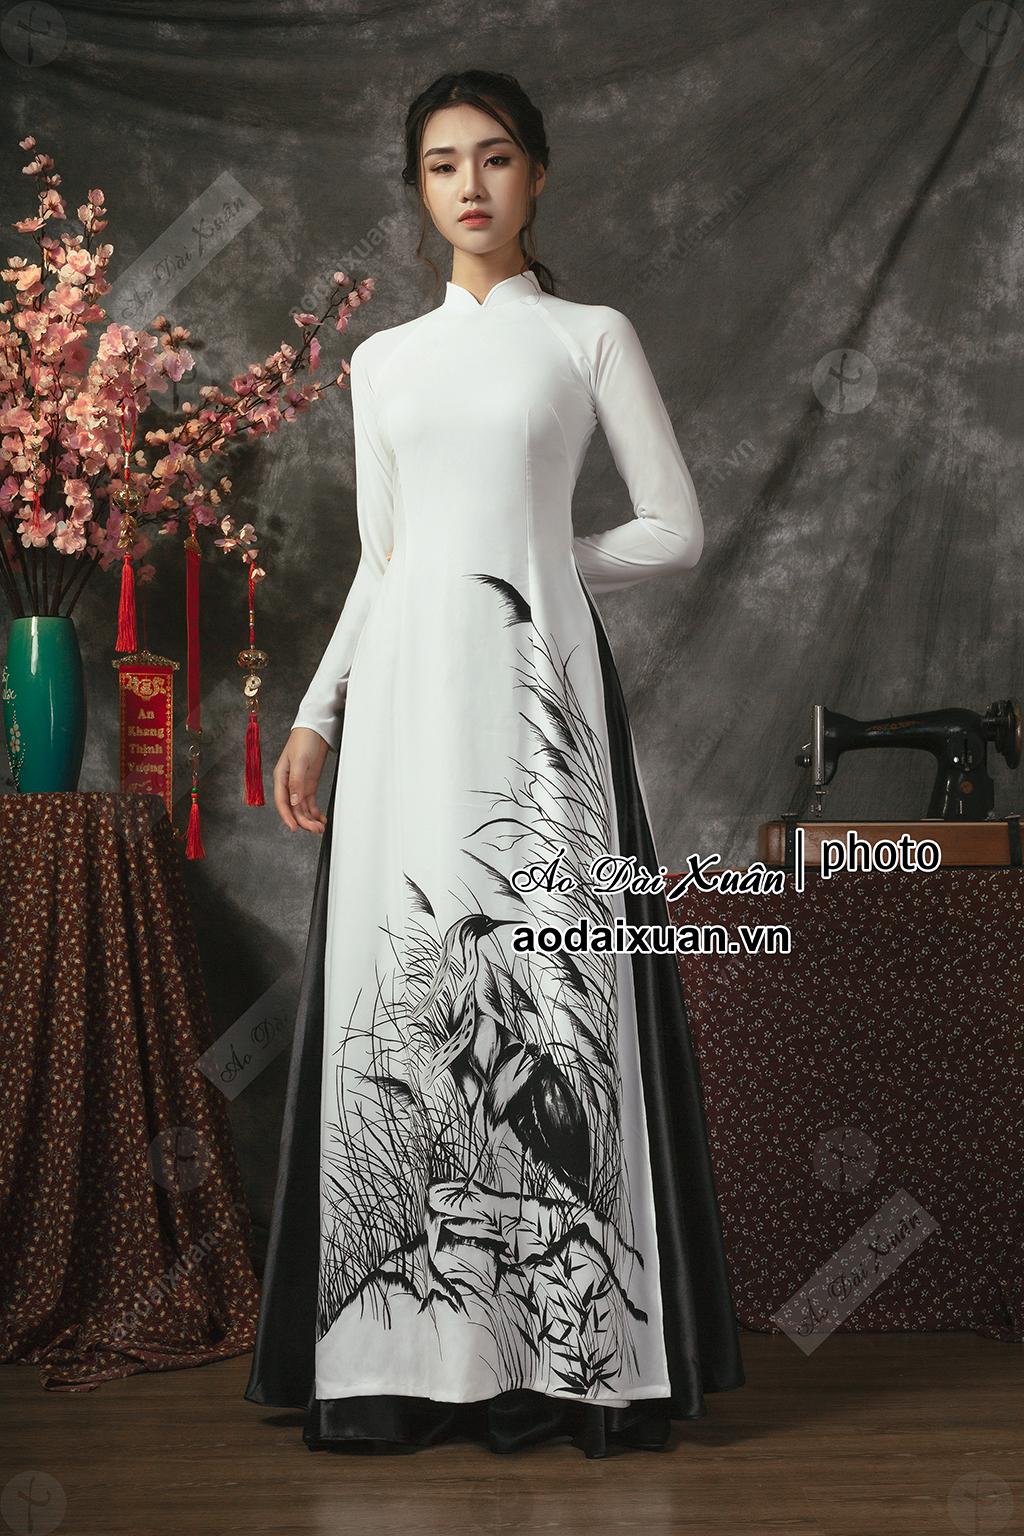 áo dài 4 tà in tranh cỏ lau đen trắng -190108